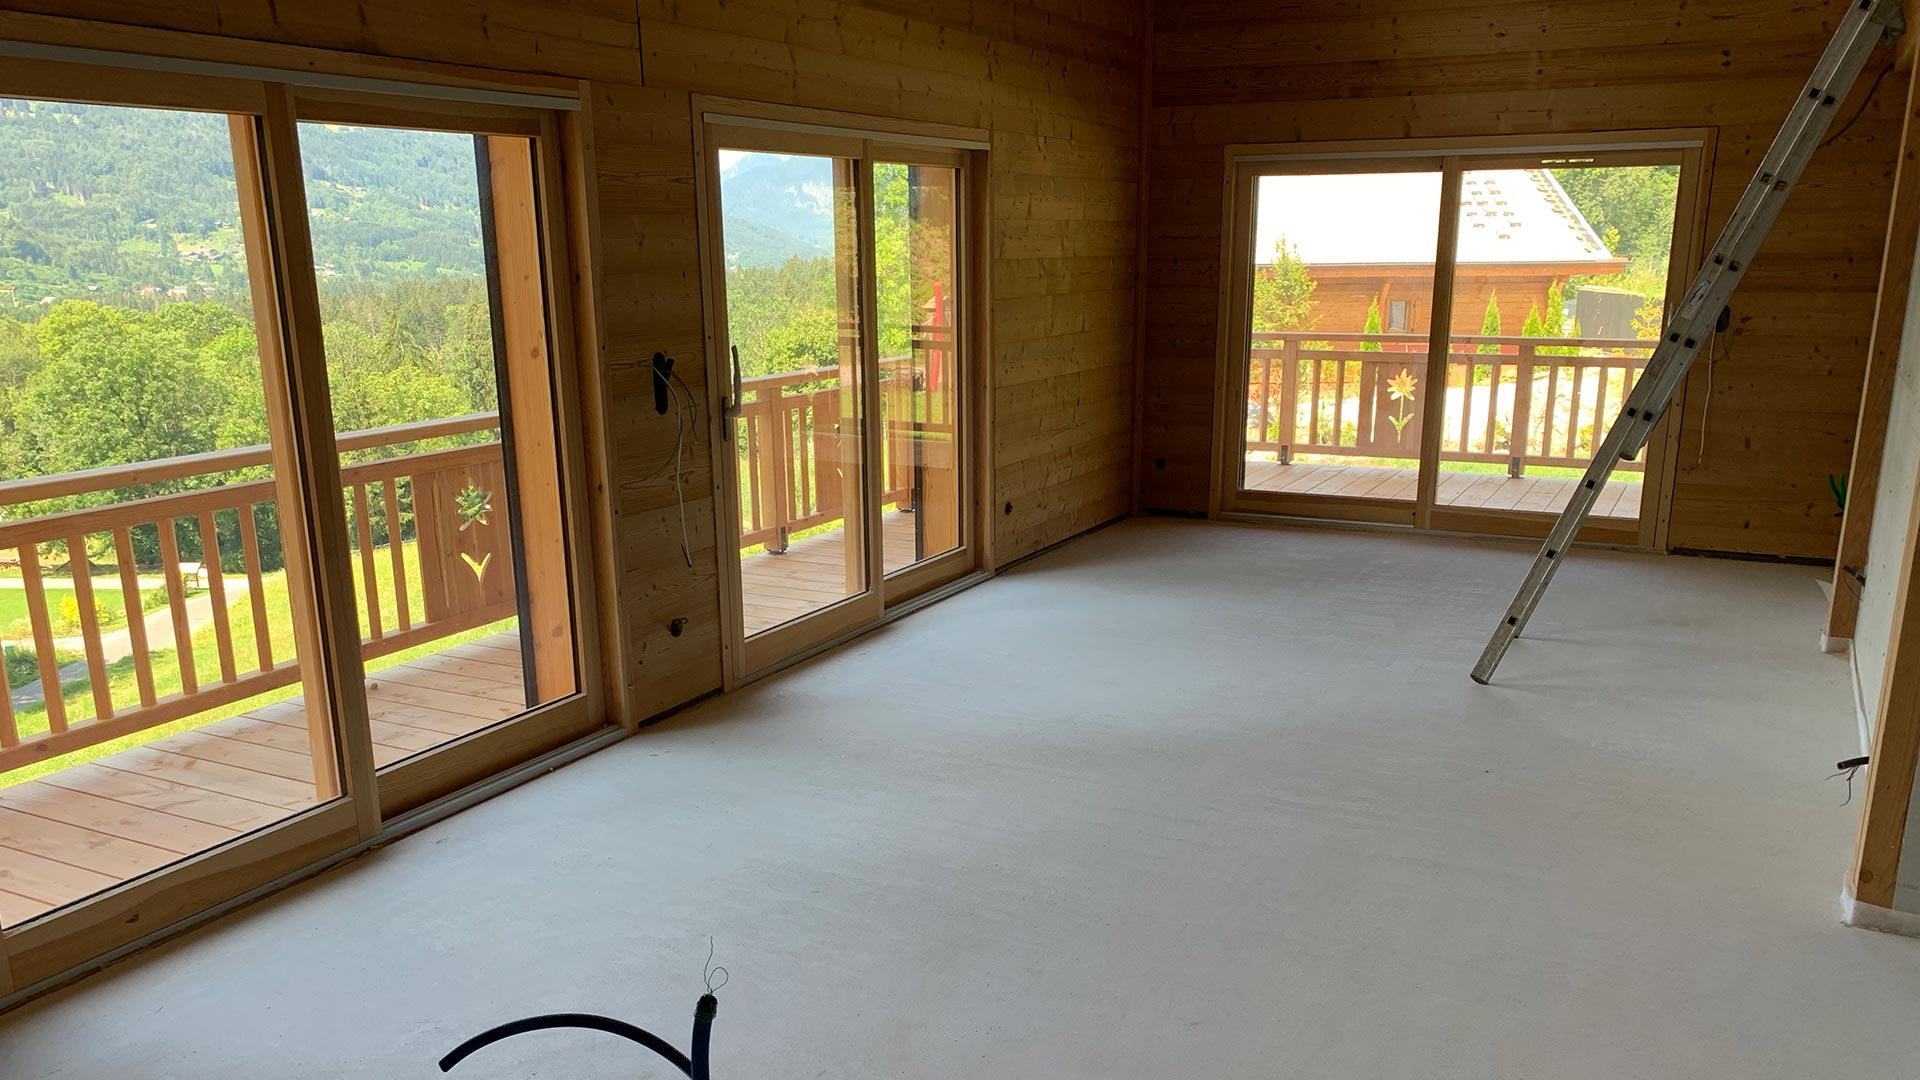 Chape anhydrite SP sur plancher chauffant à Samoëns en Haute Savoie (74)